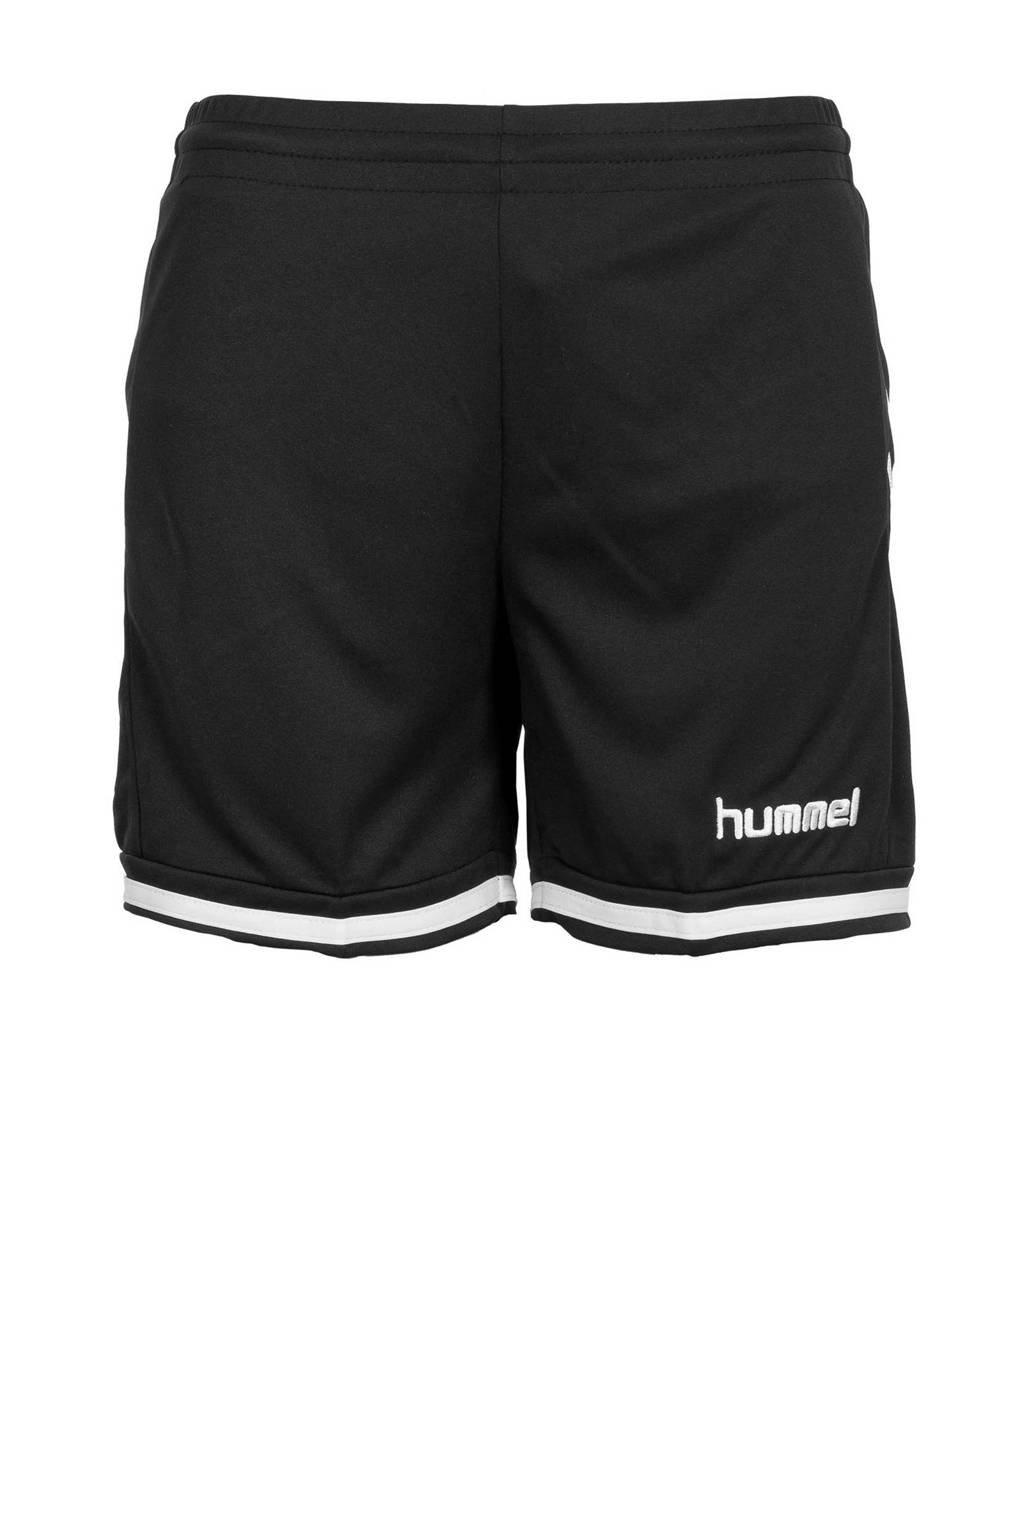 hummel sportshort zwart/wit, Zwart/wit